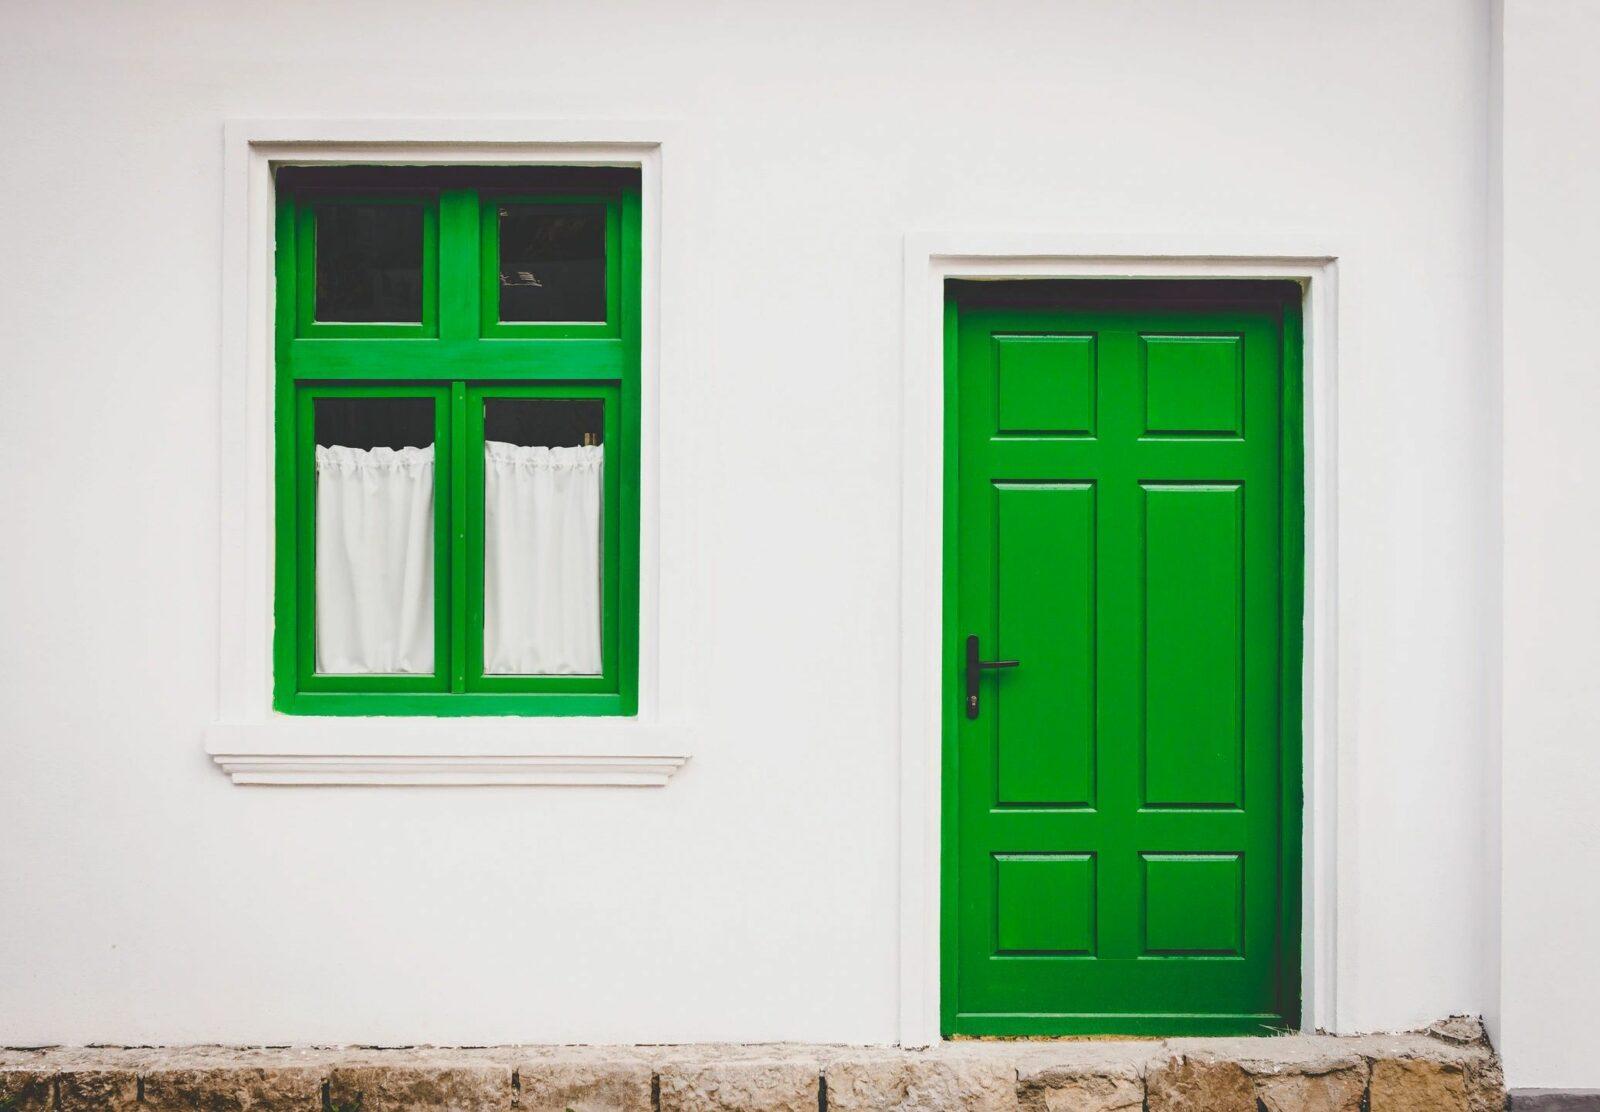 Double glazing grants